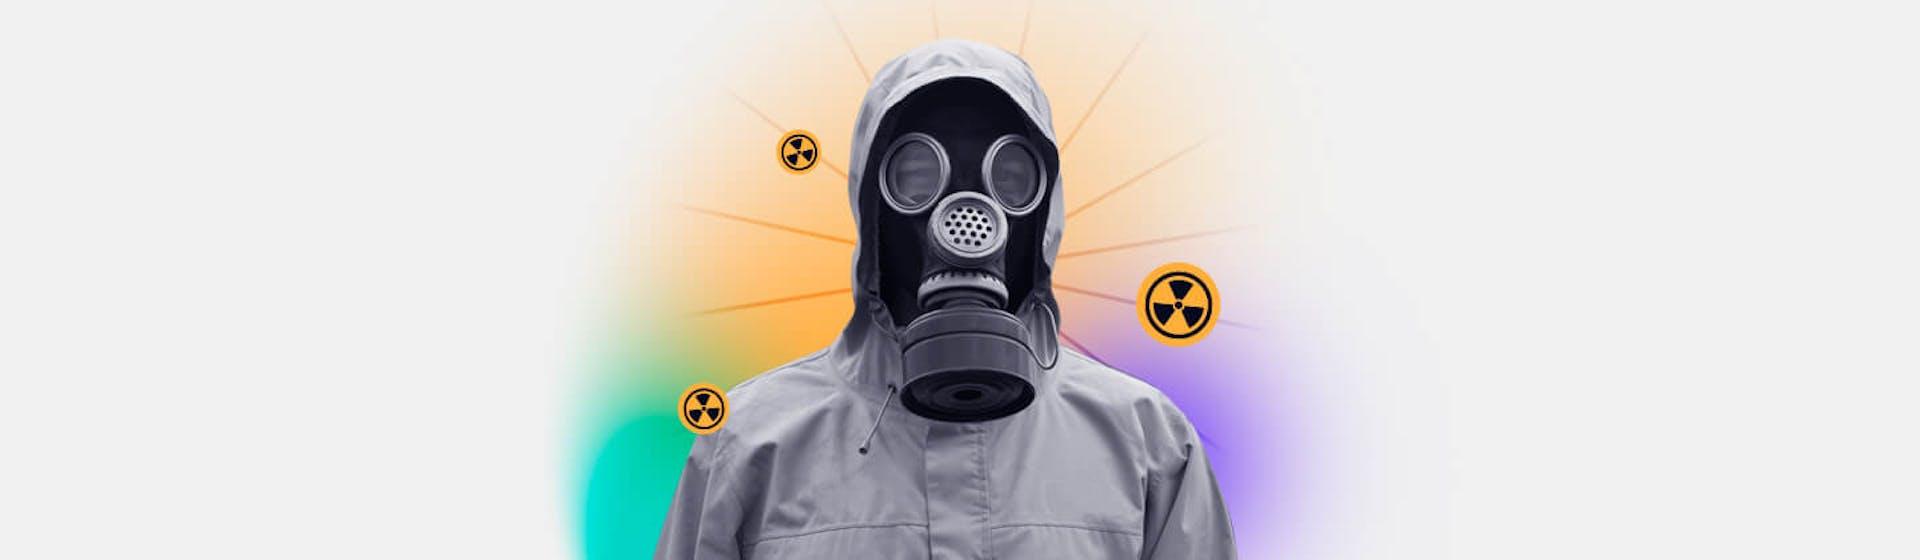 ¿Cómo identificar y lidiar con las personas tóxicas en el trabajo?